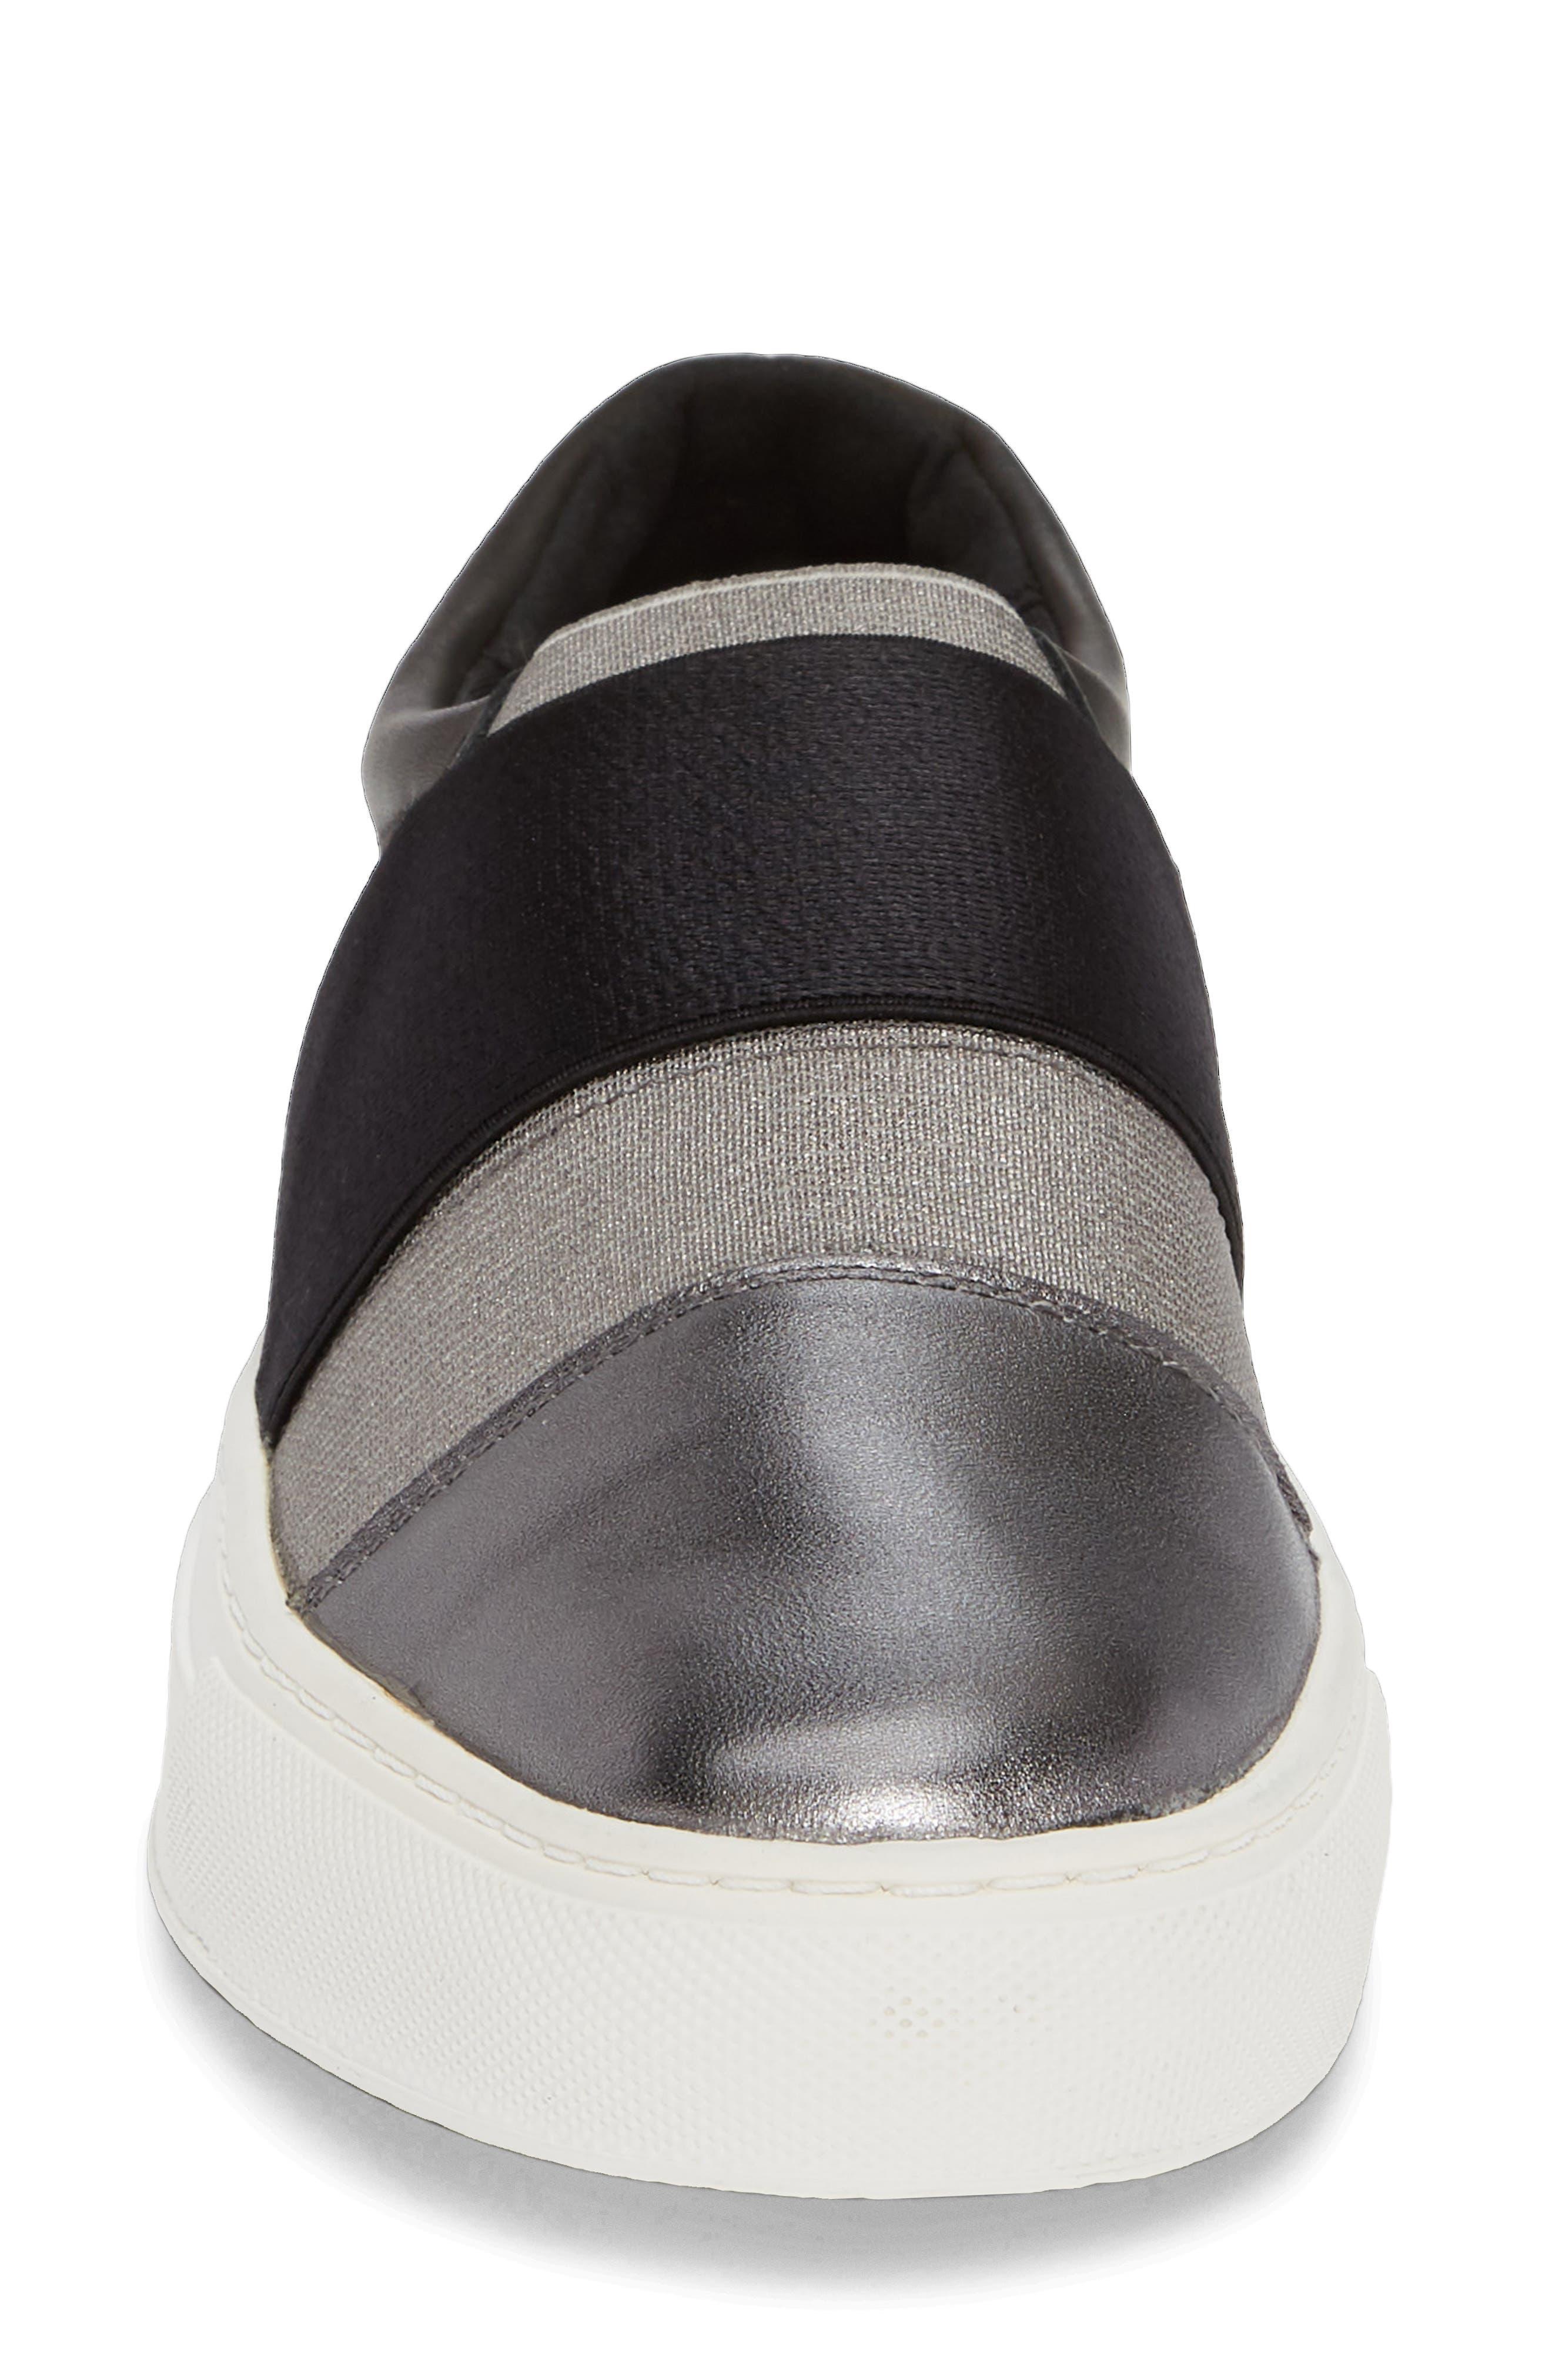 Isla Slip-On Sneaker,                             Alternate thumbnail 4, color,                             GUNMETAL/ BLACK LEATHER